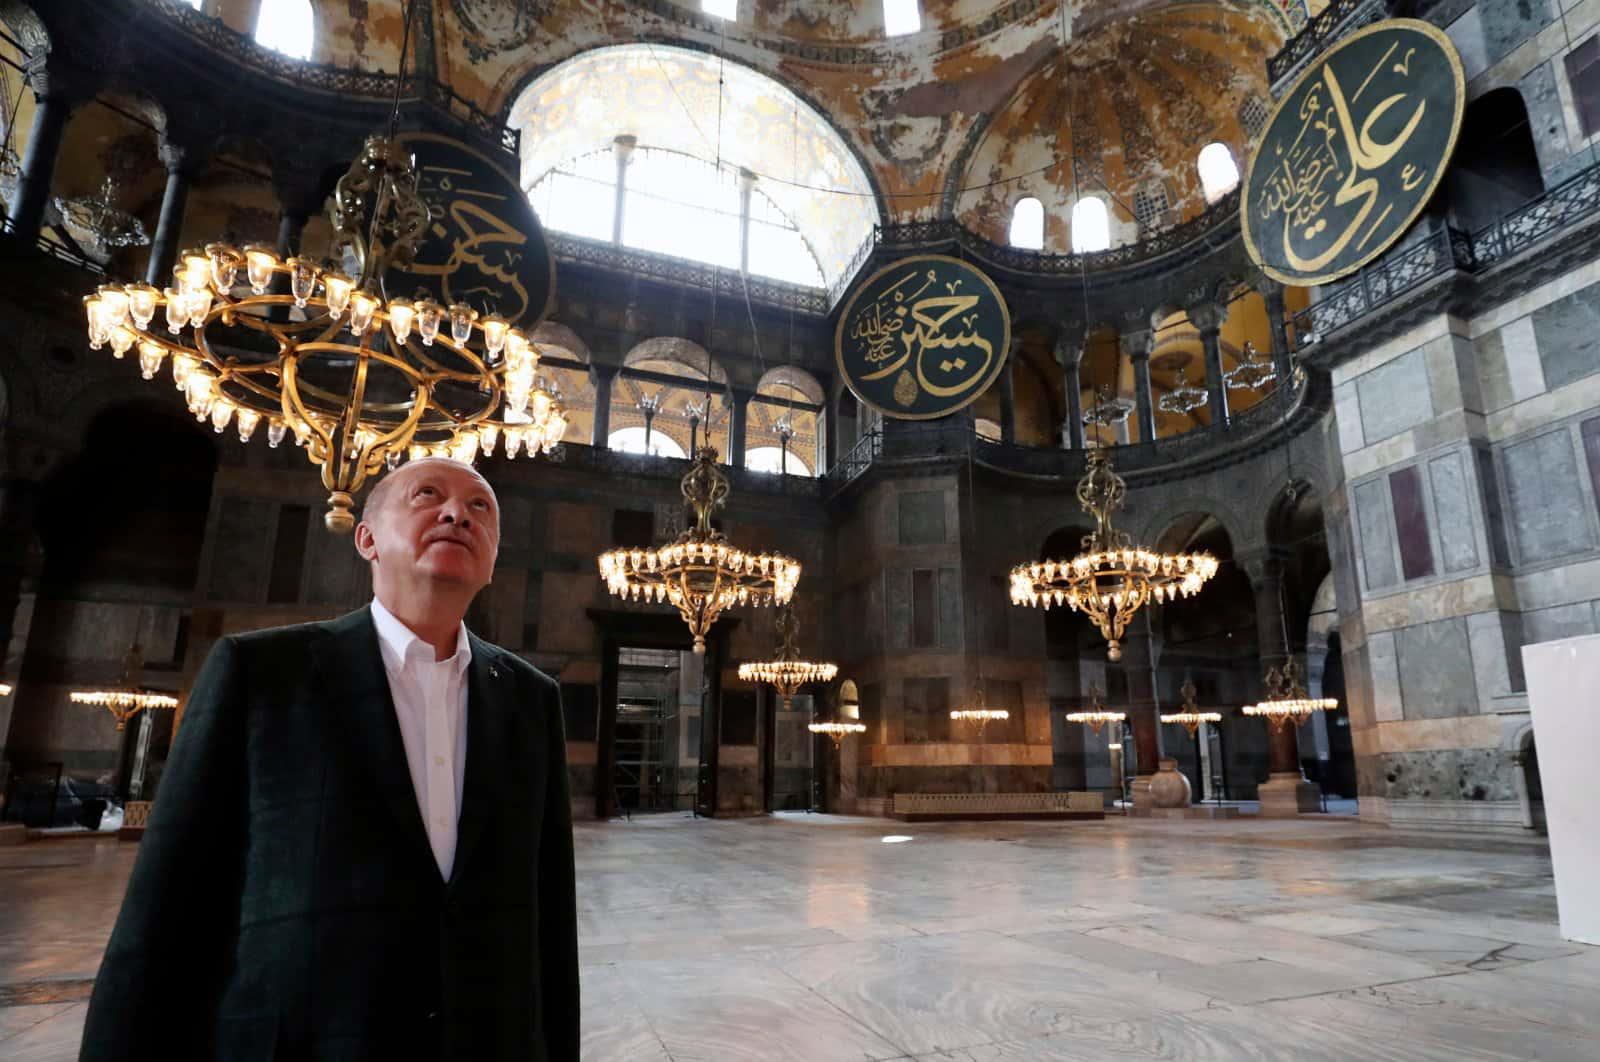 Ердоган запросив іноземних лідерів на першу молитву у перетворену на мечеть Святу Софію